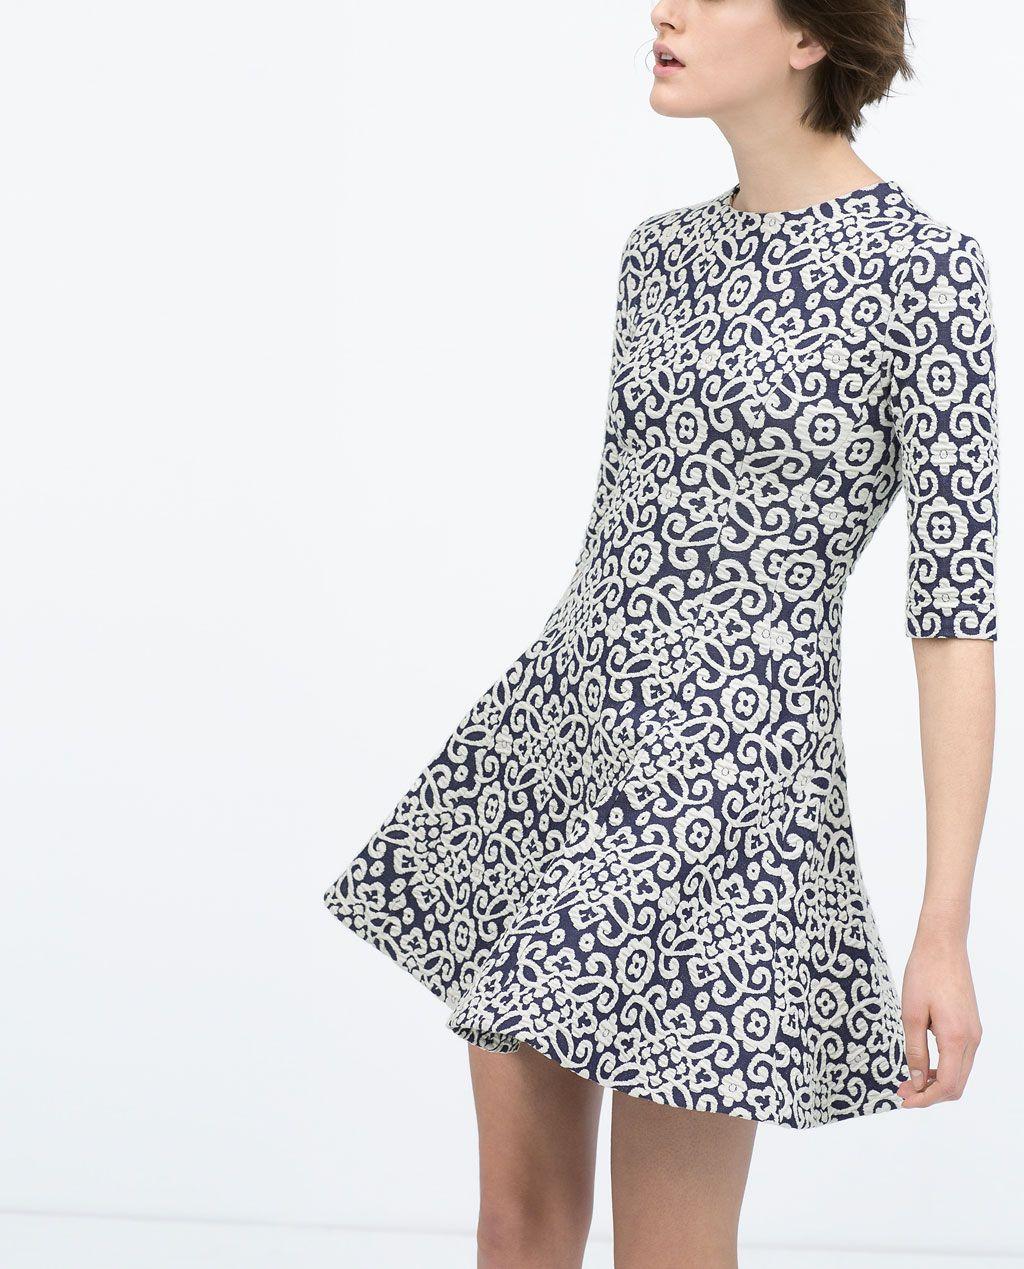 d6c1cc377371 Imagem 1 de VESTIDO JACQUARD COM RODA da Zara Mulher, Roupas Fashion, Moda  Mulhere